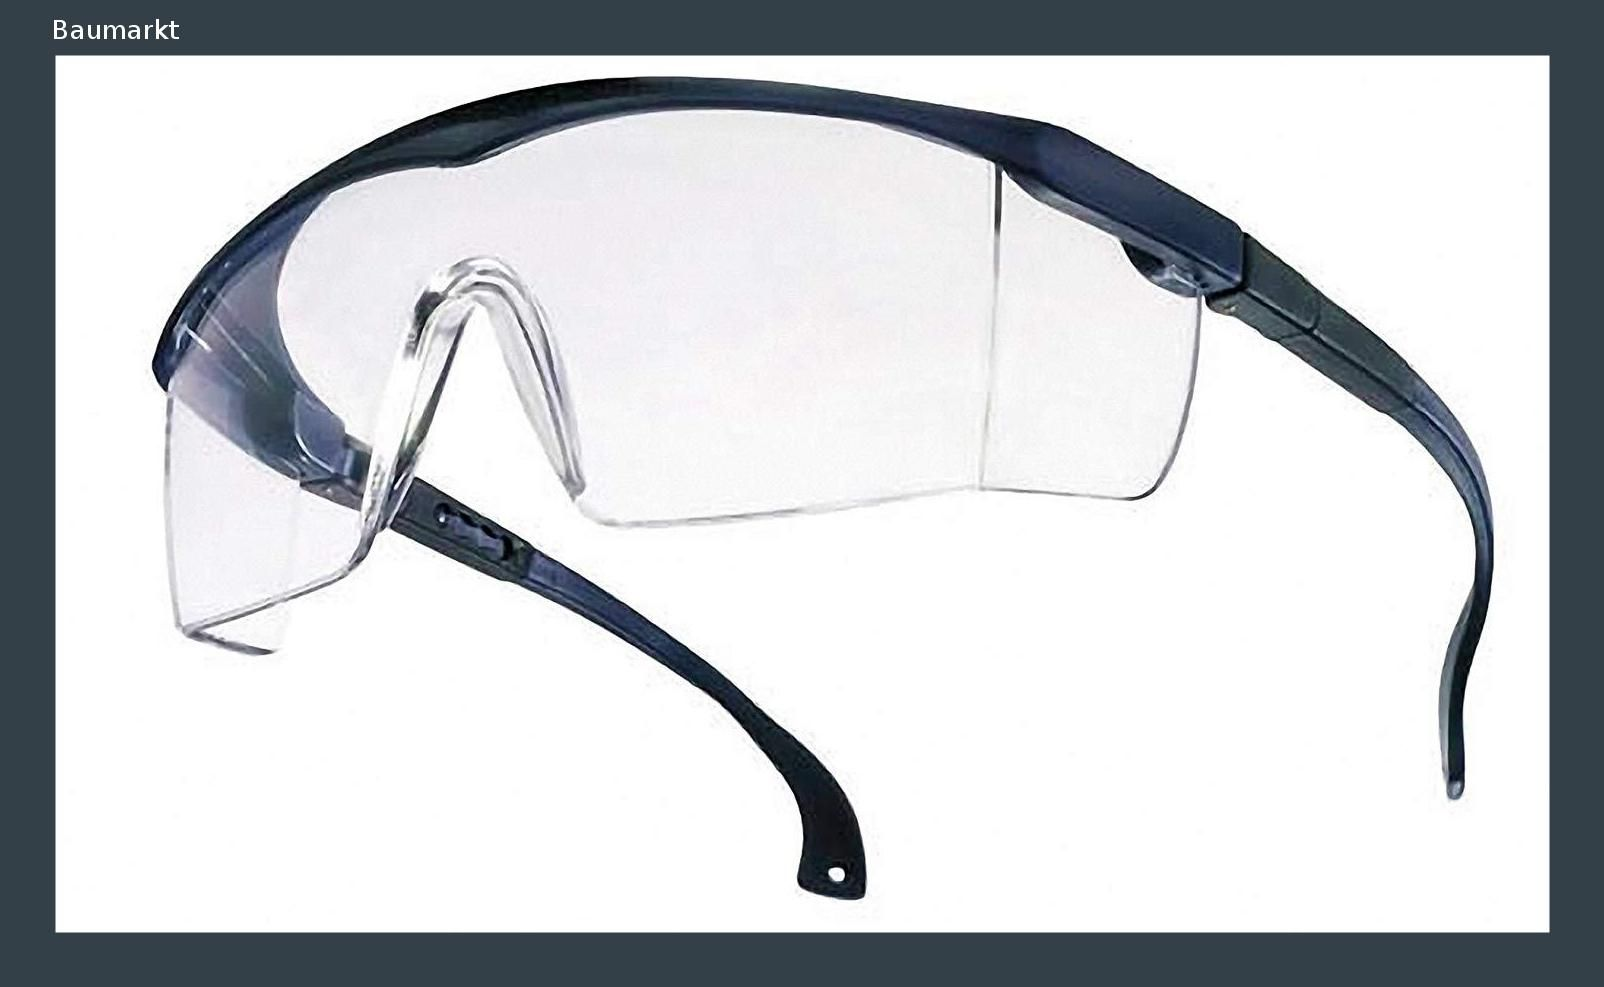 Schutzbrille Augenschutz Arbeitsbrille Sicherheitsbrille Arbeitskleidung Augen